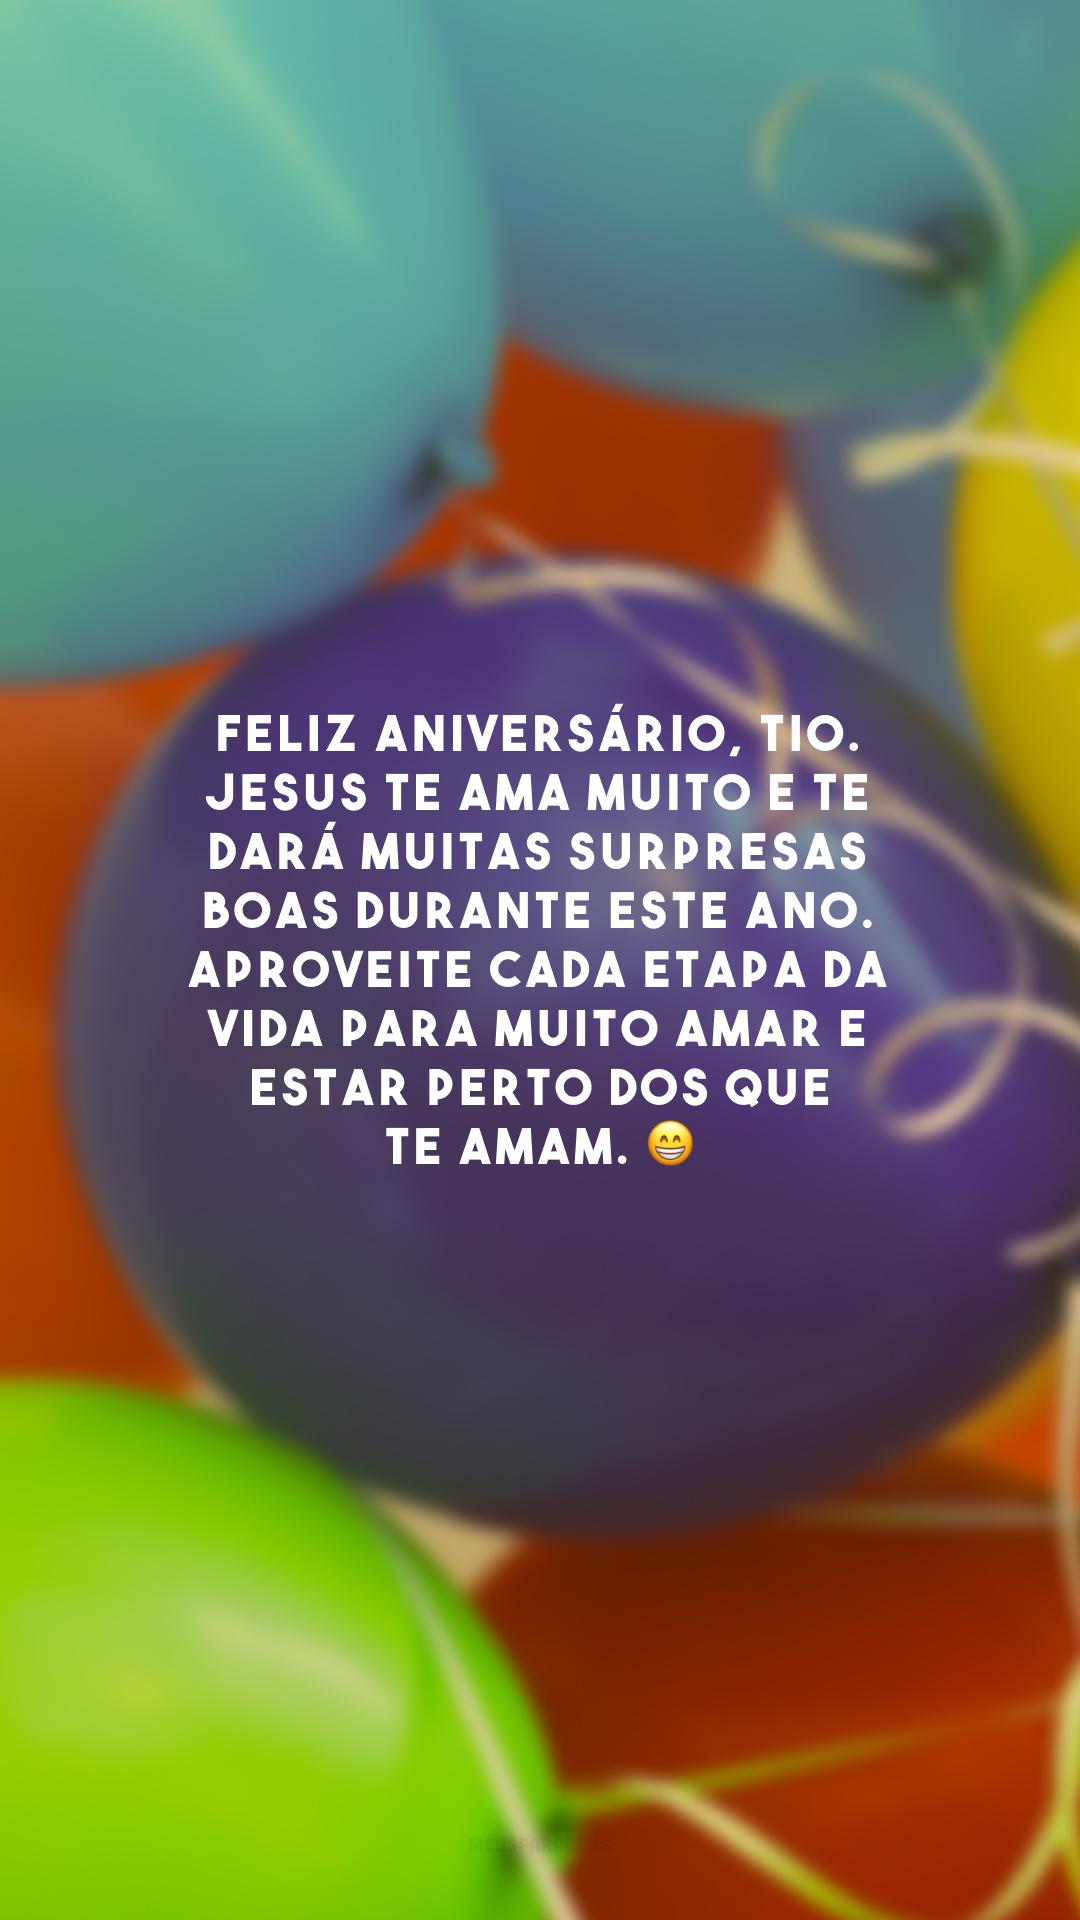 Feliz aniversário, tio. Jesus te ama muito e te dará muitas surpresas boas durante este ano. Aproveite cada etapa da vida para muito amar e estar perto dos que te amam. 😁